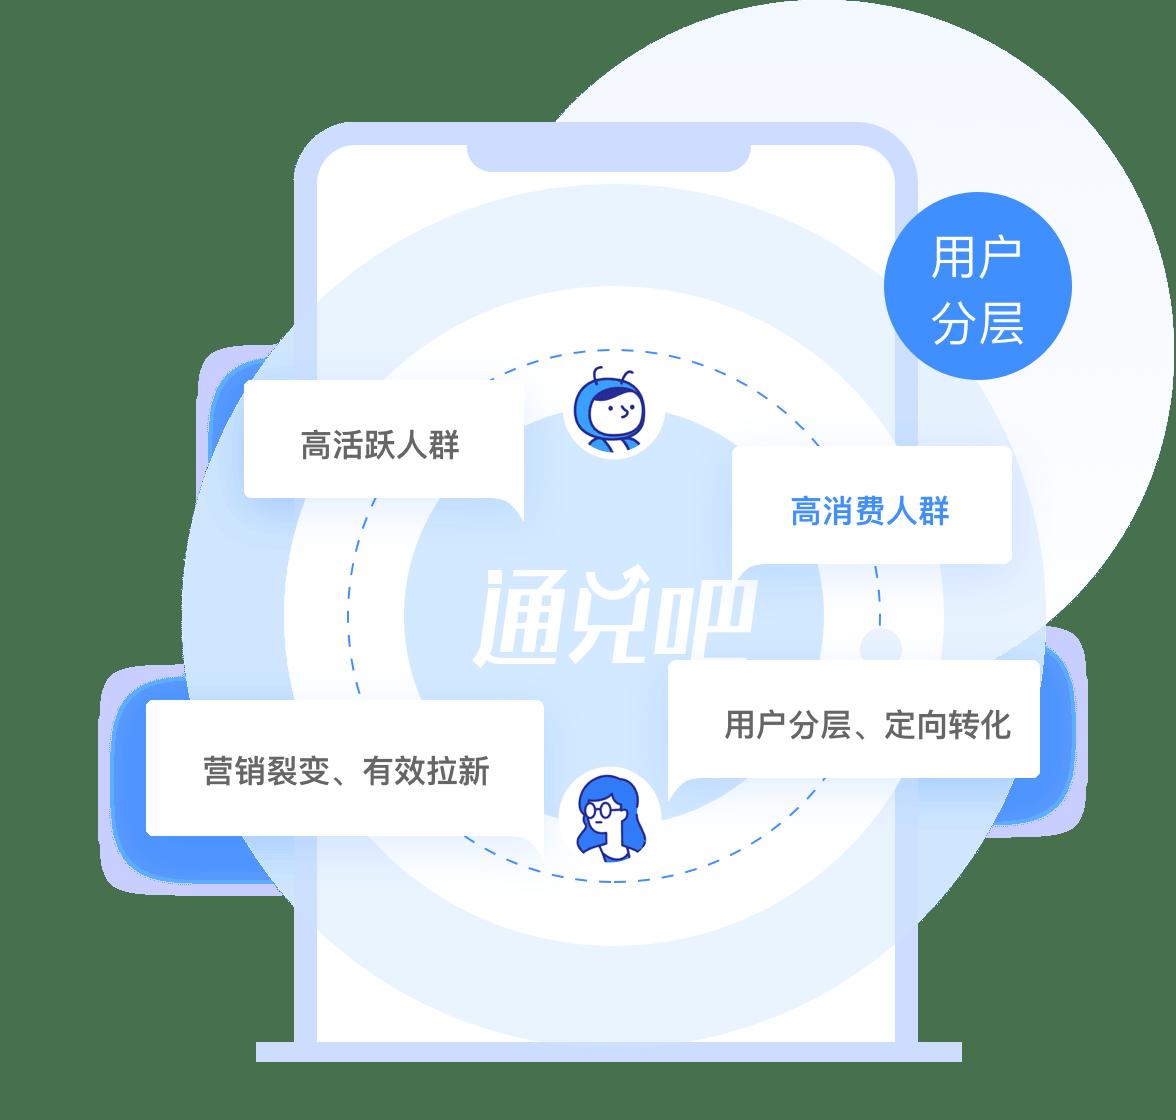 用户精细化运营制定不同转化策略